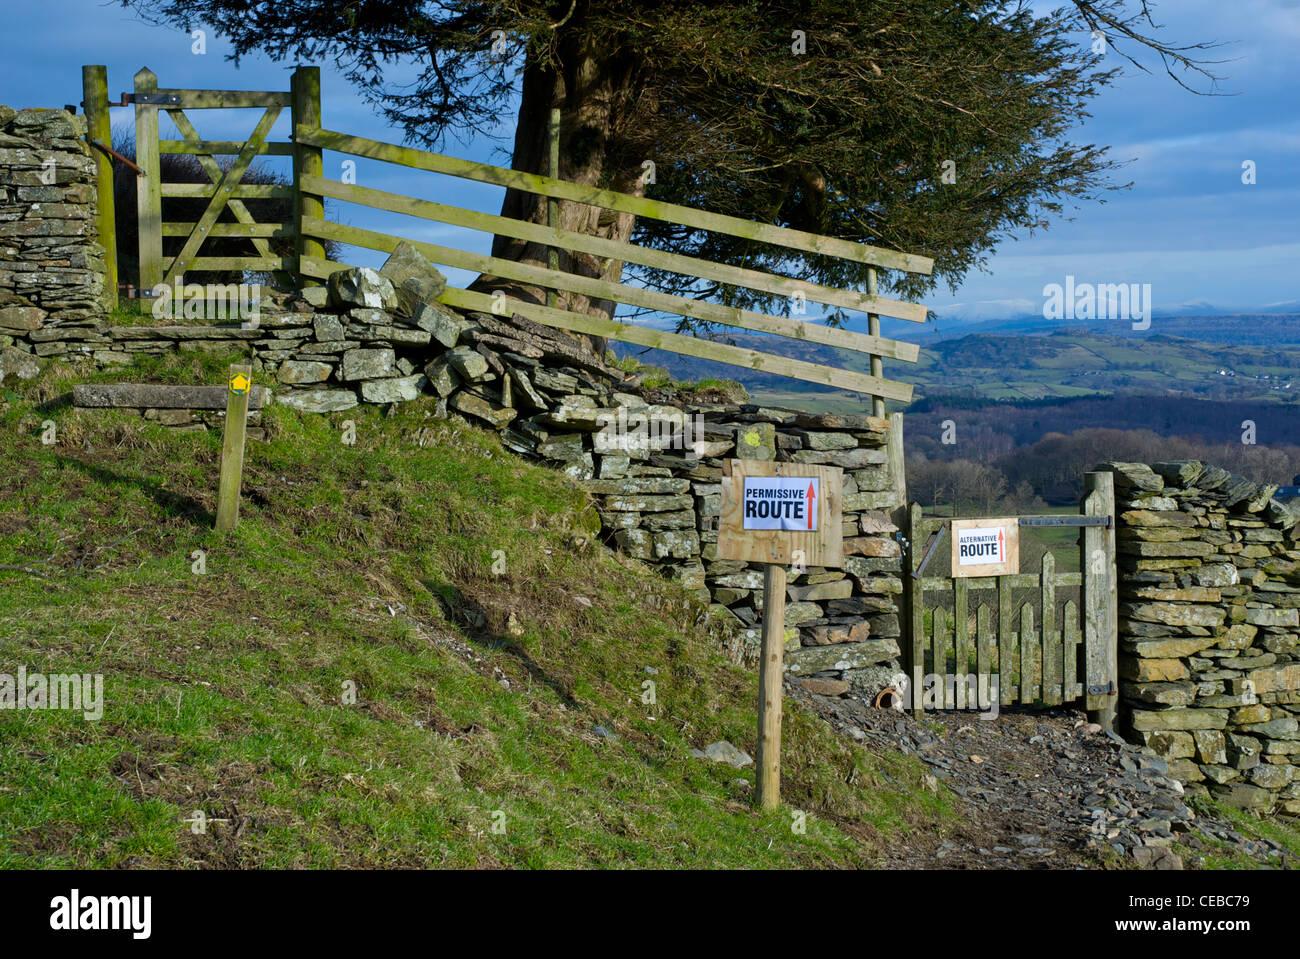 Zeichen bieten eine alternative Route für Wanderer rund um einen Bauernhof in der Nähe von Windermere, Stockbild